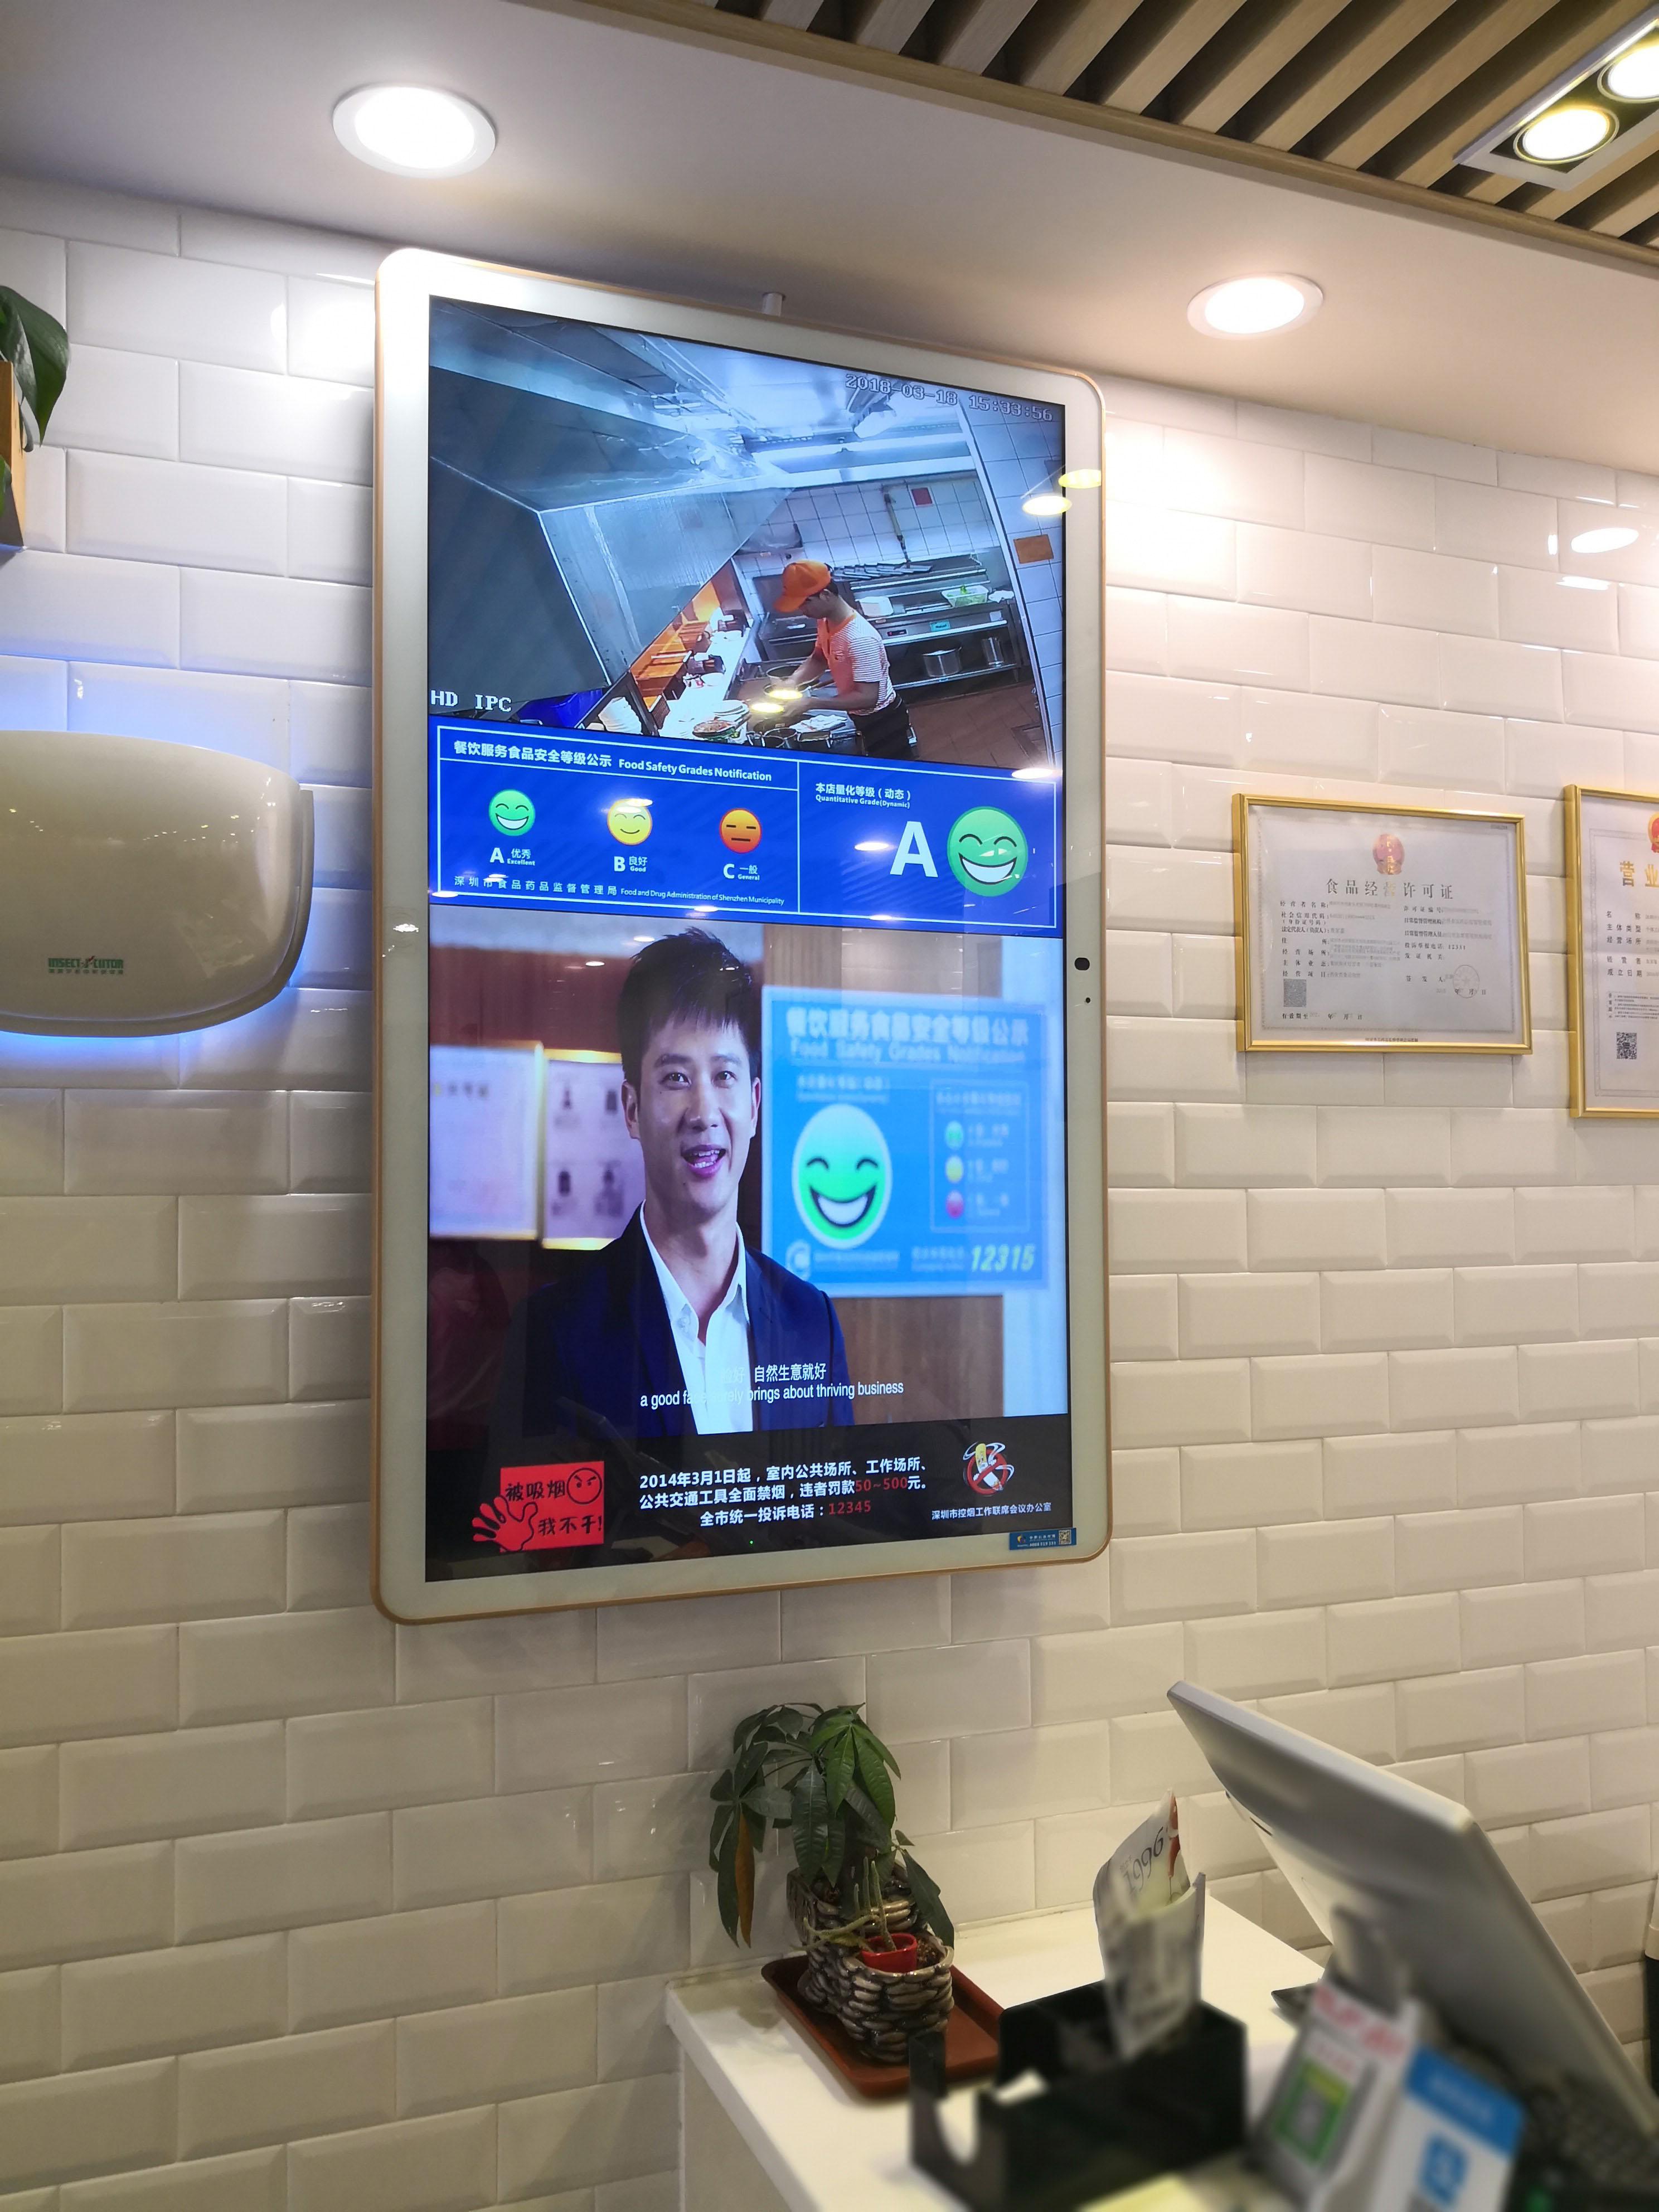 鹿城區壁掛一體廣告機的用途和特點 抱誠守真「溫州速維網絡科技供應」